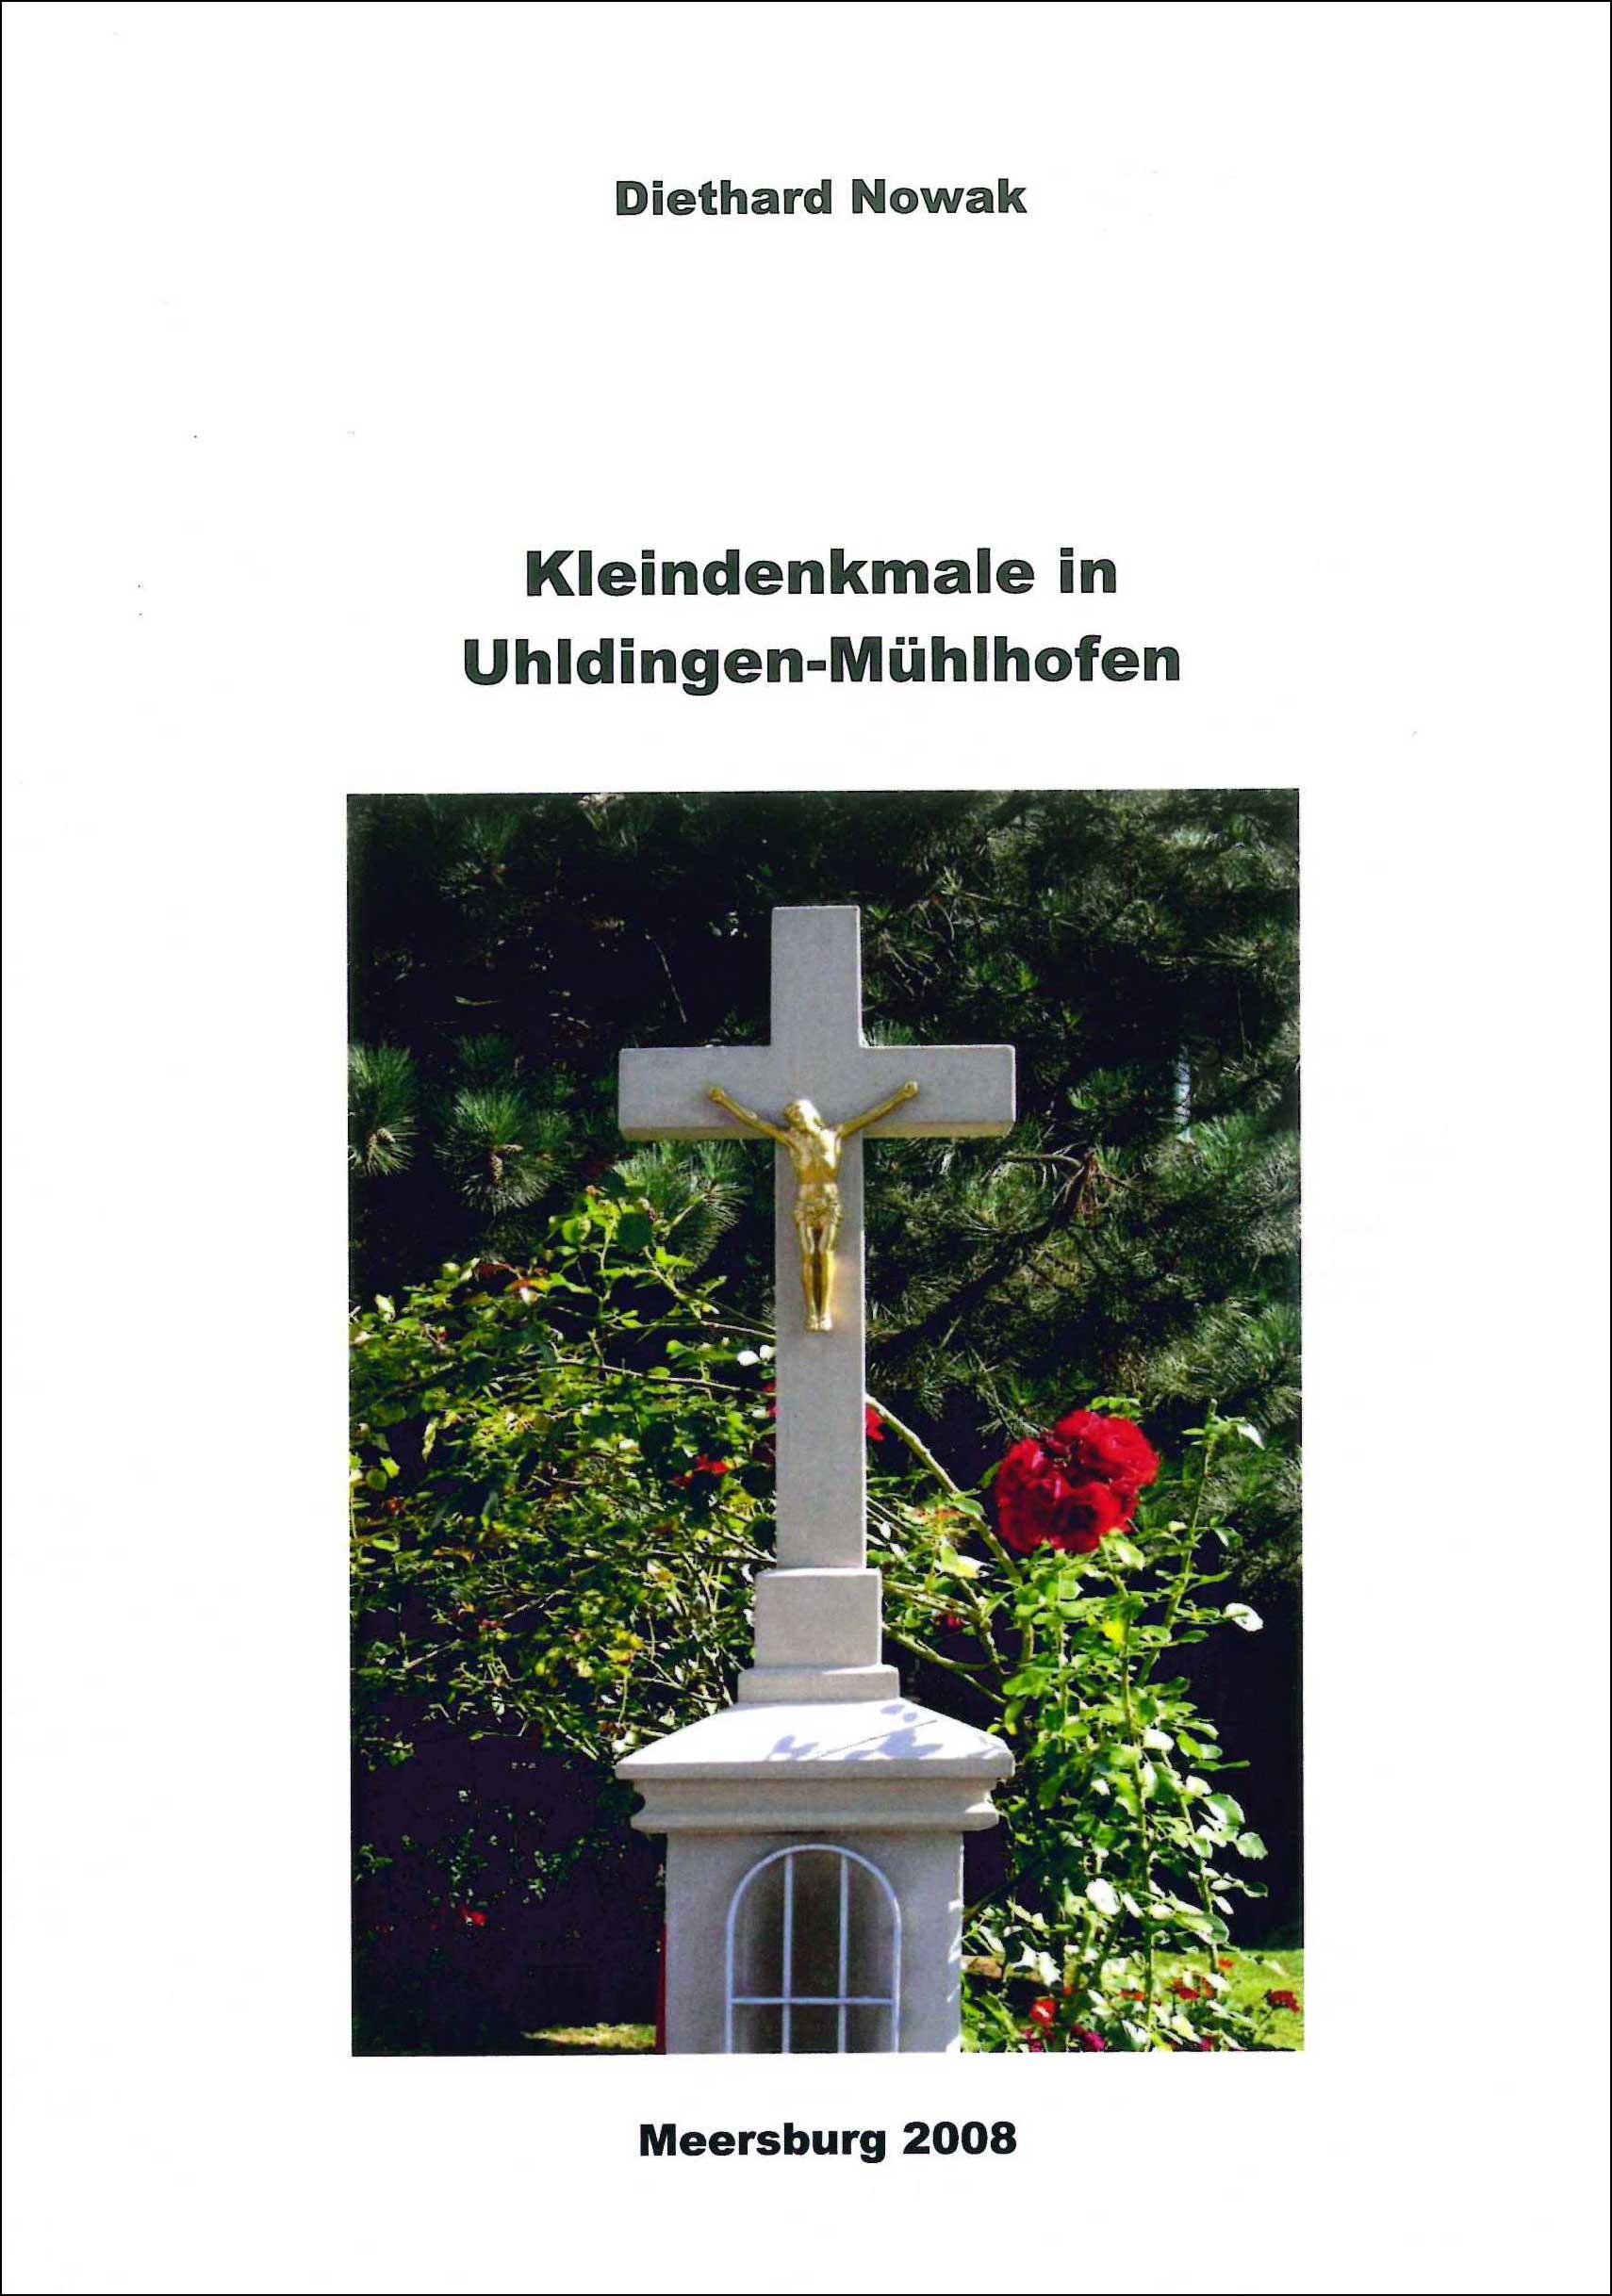 Buchvorderseite mit einem steinernen Kreuz vor einem Rosenbusch